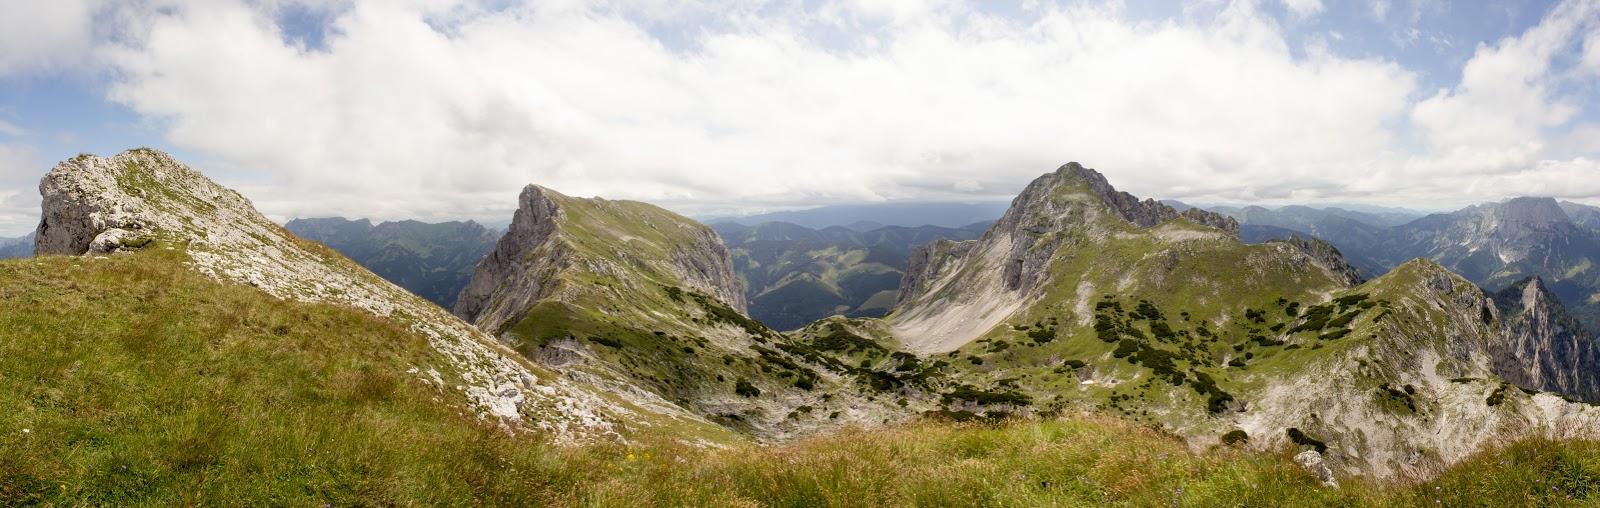 Bergtour - Wandertour - Rundtour übers Bärenloch zum Kaiserschild, Kaiserwart und Hochkogel - Gemeindealm Eisenerz - Eisenerzer Alpen